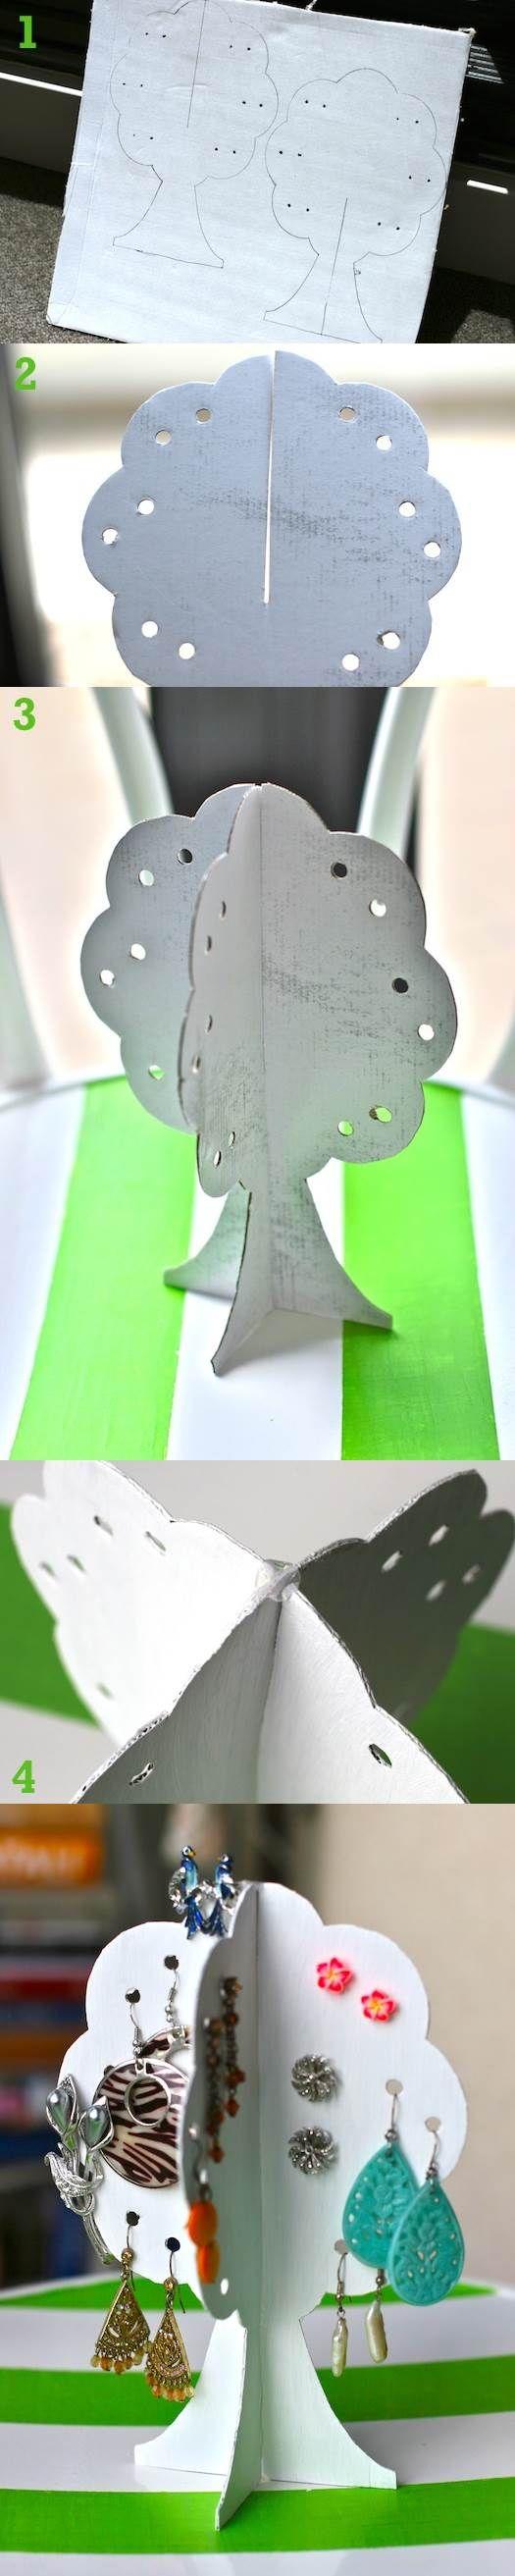 DIY Easy Cardboard Earrings Storage Tree | iCreativeIdeas.com Follow Us on Facebook --> https://www.facebook.com/icreativeideas